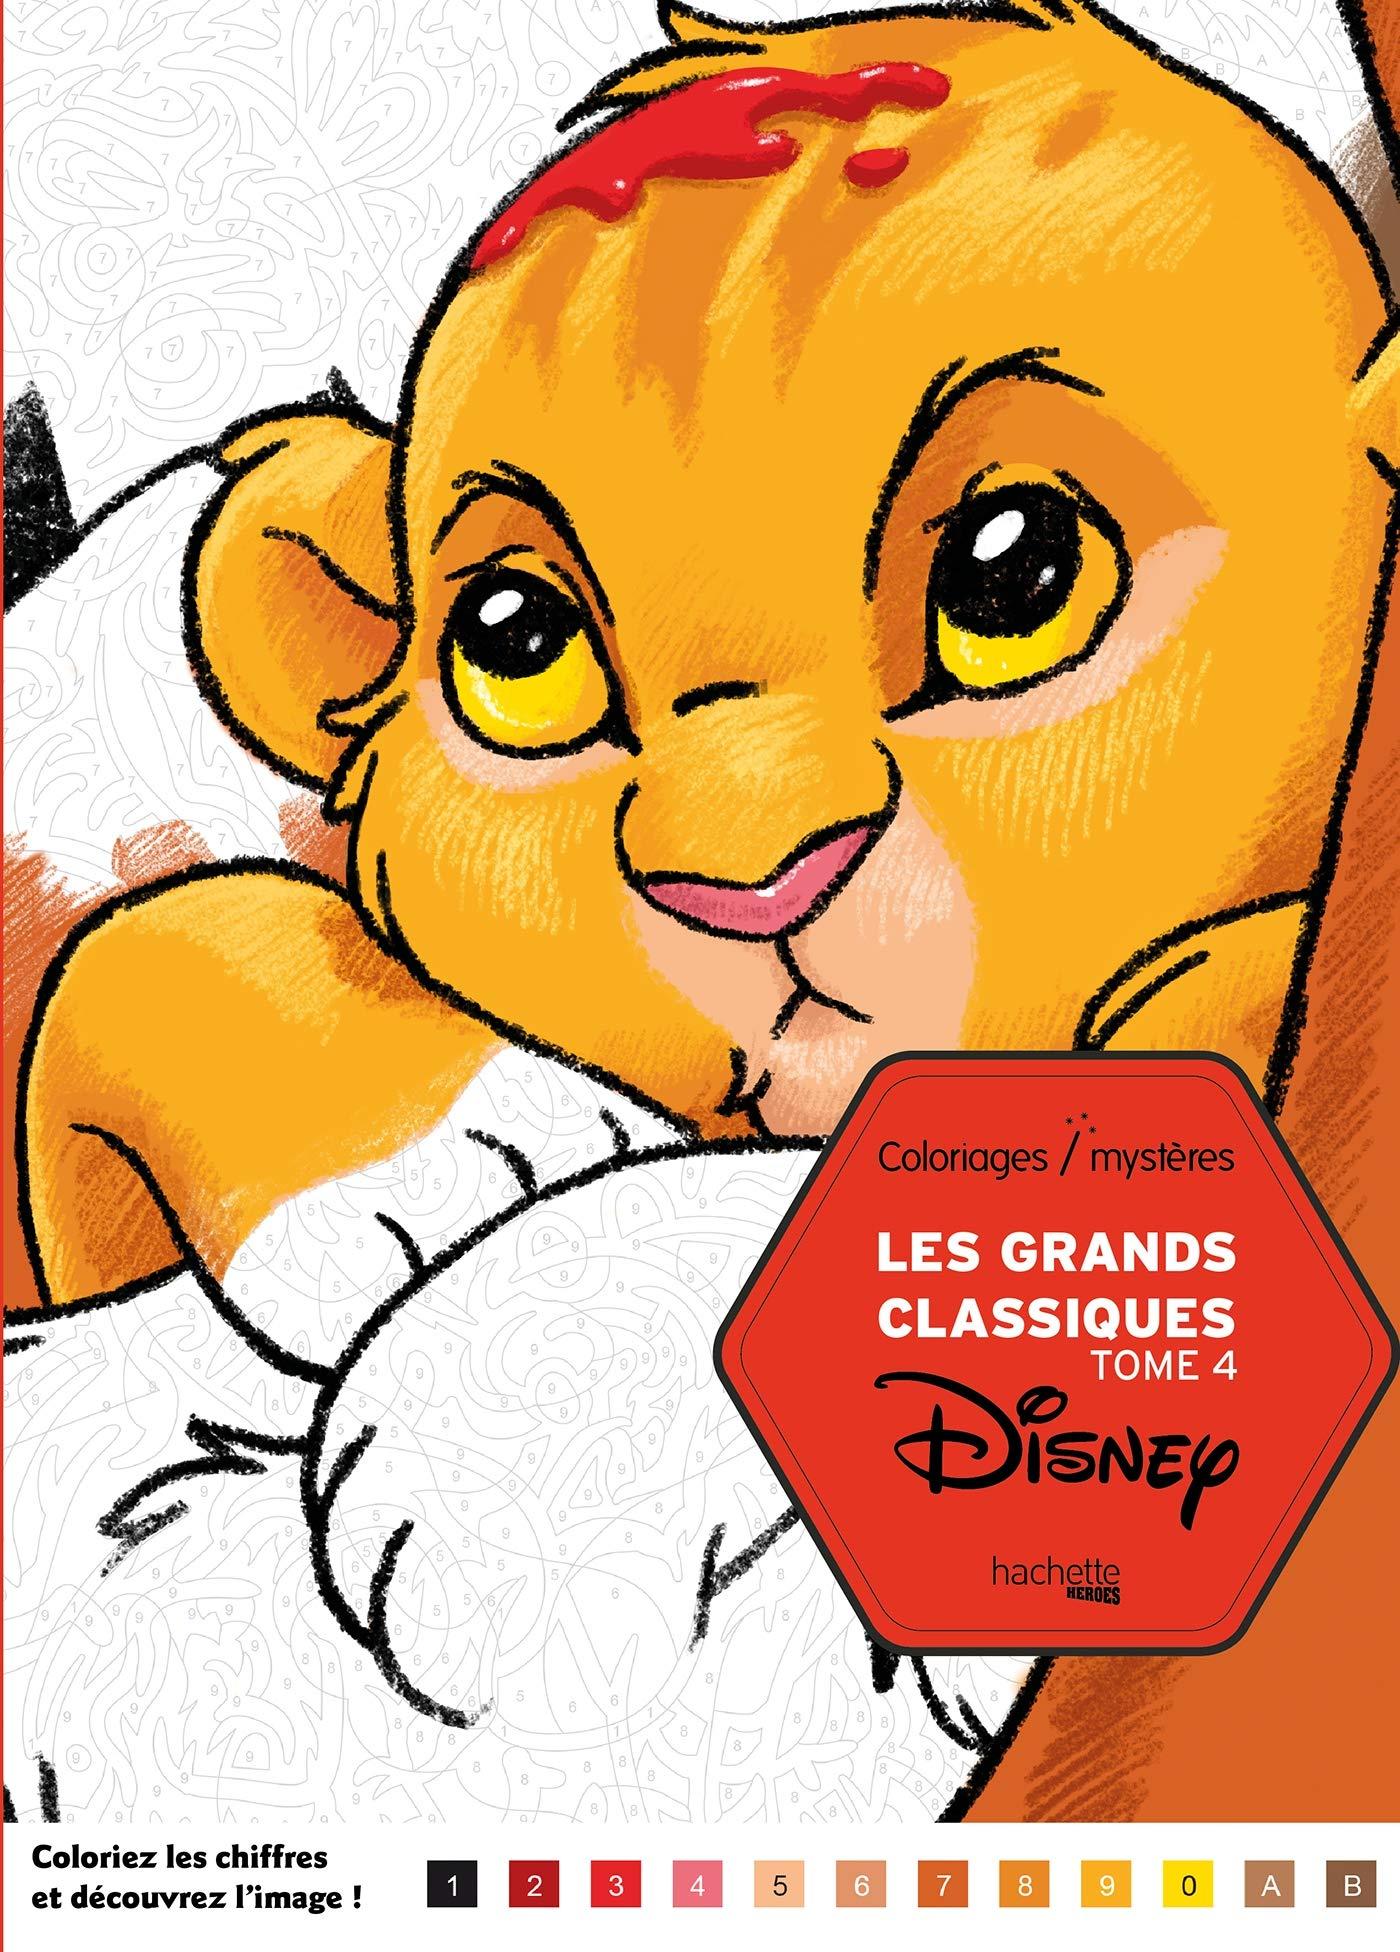 Grands classiques Disney Tome 4: Amazon.fr: Mariez, Jérémy: Livres